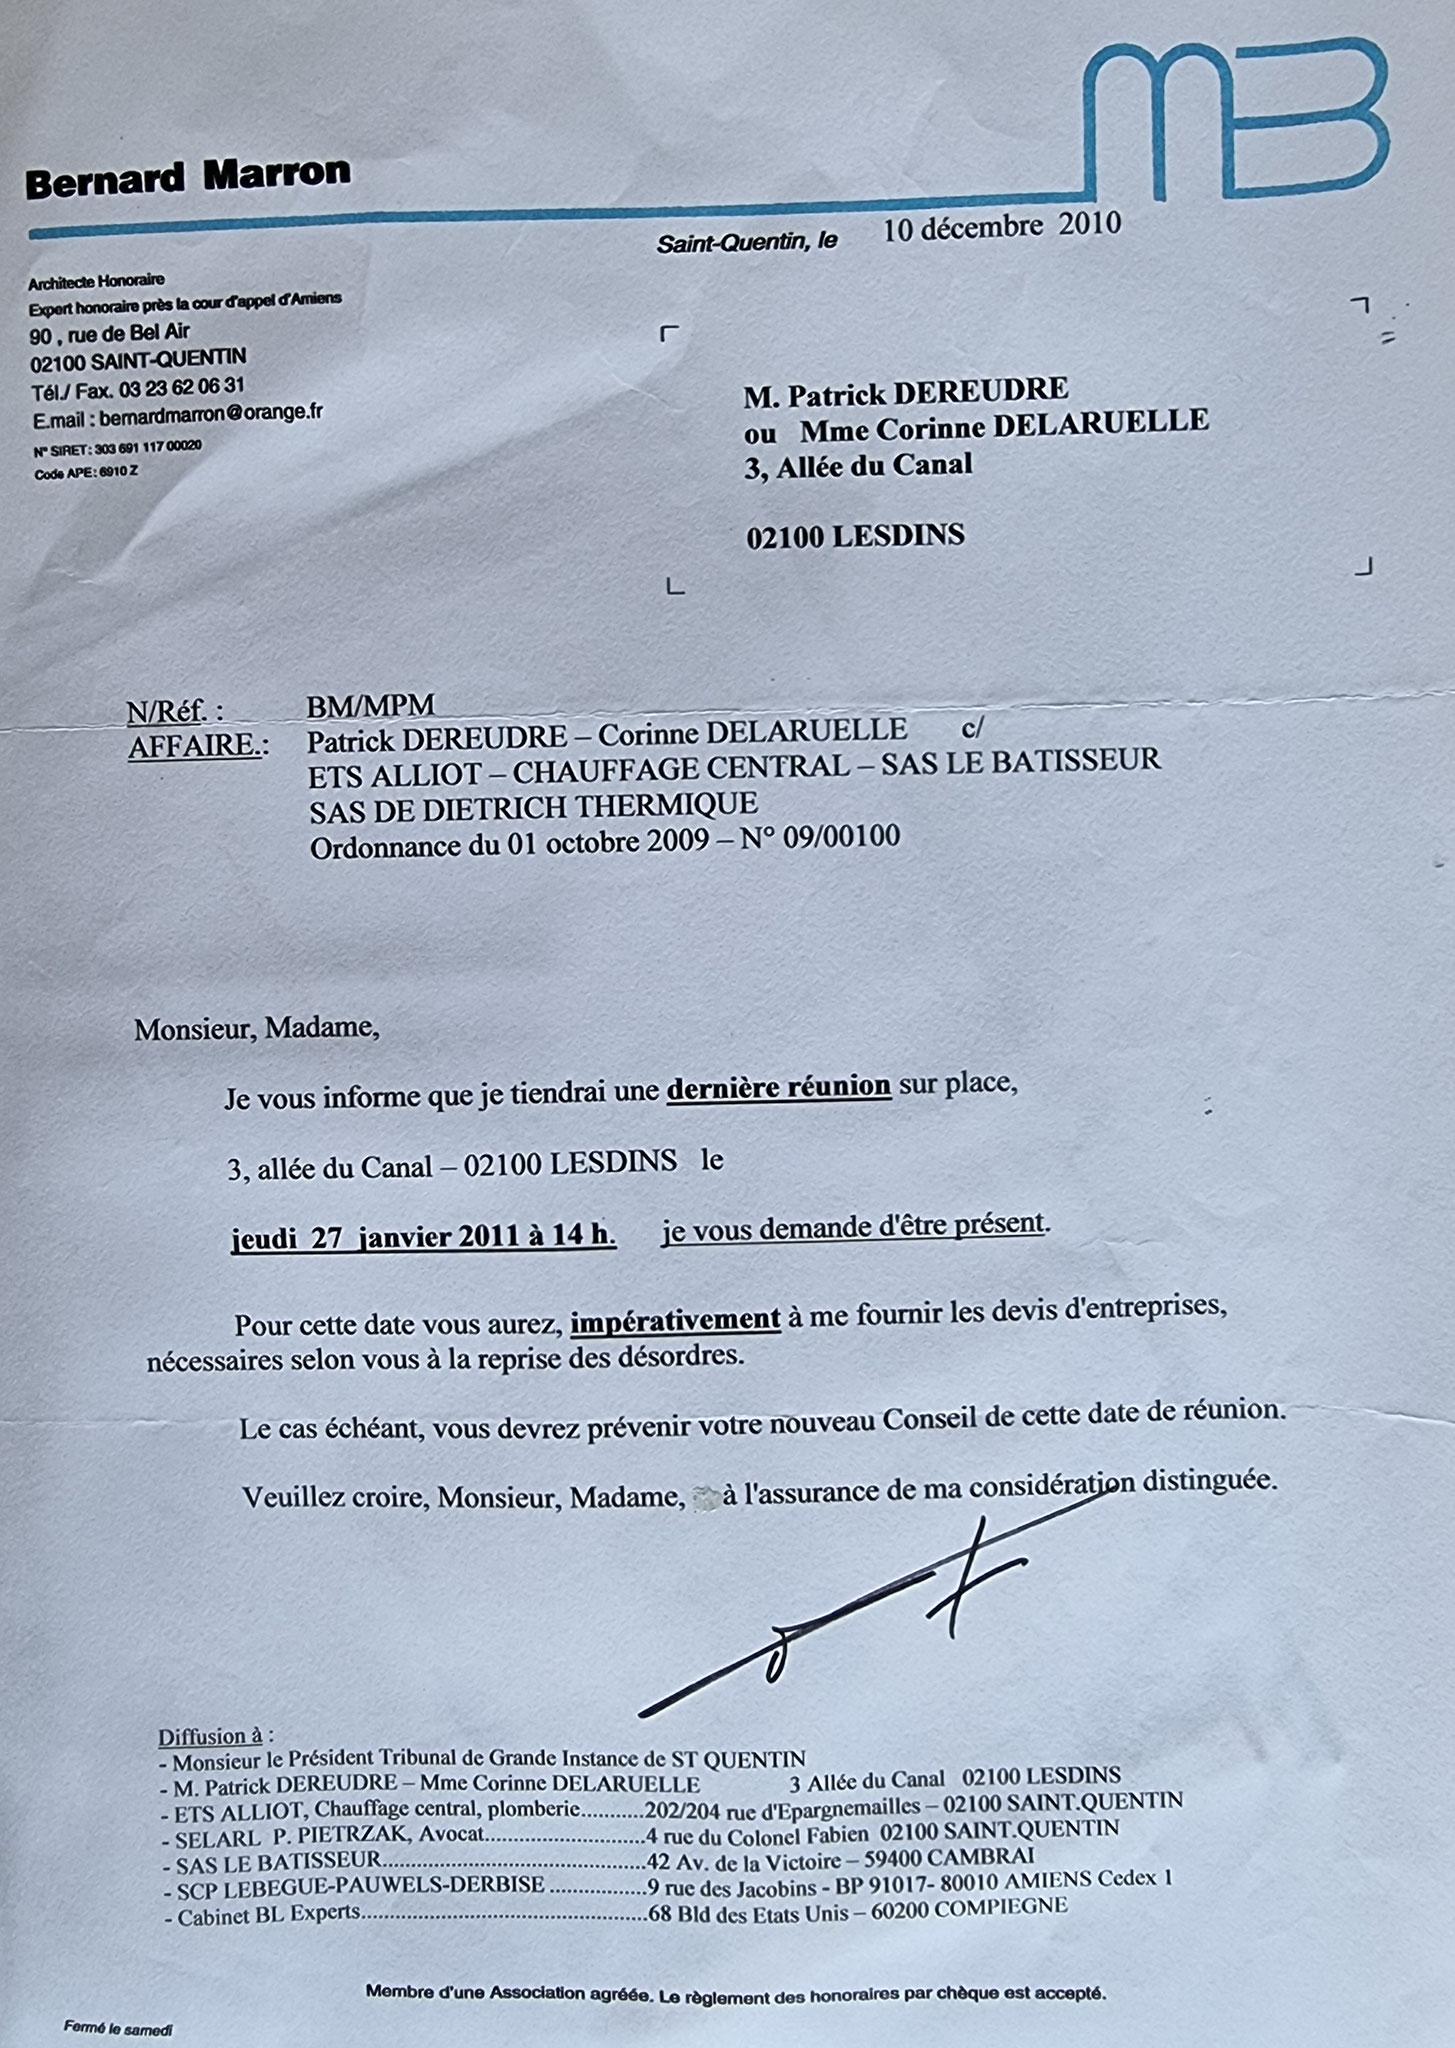 Le 10 Décembre 2010 Monsieur Bernard MARRON Expert auprès des tribunaux de la Cour d'Appel des Tribunaux d'Amiens m'adresse une convocation par Lettre Recommandée pour une dernière Expertise Judiciaire en date du 27 Janvier 14H00www.stopcorruptionstop.fr